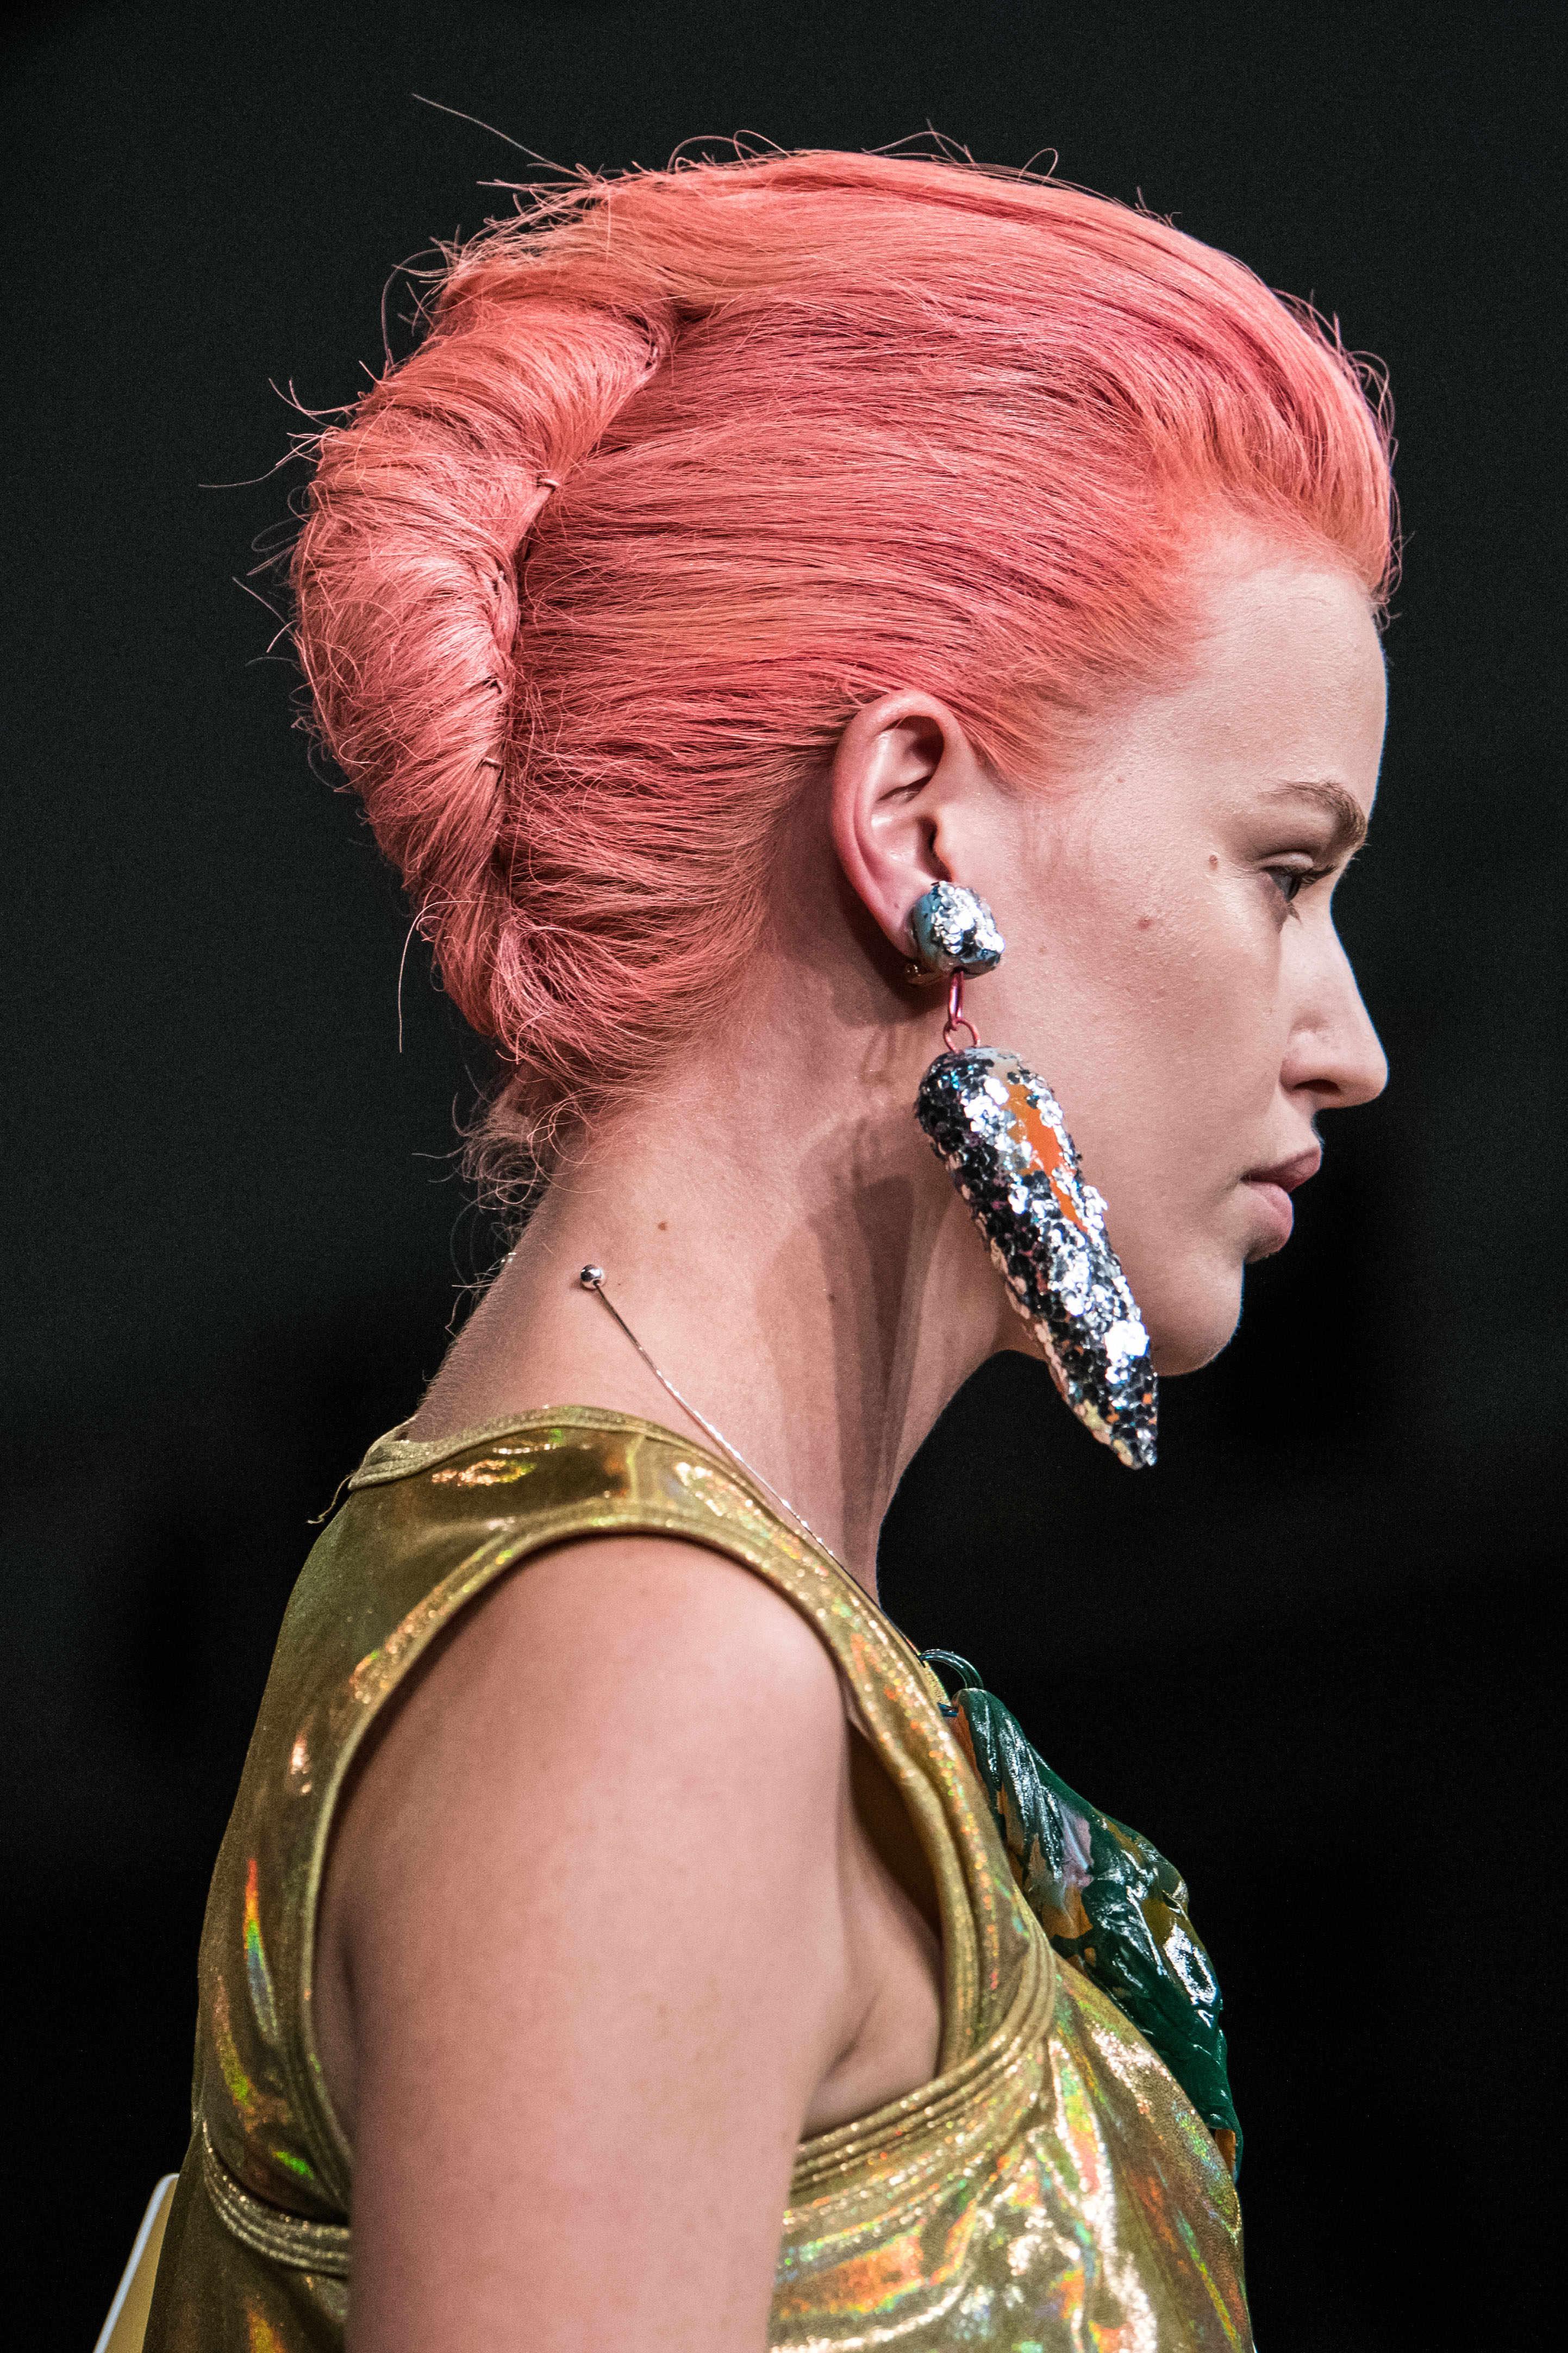 modelo pelo neón rosa